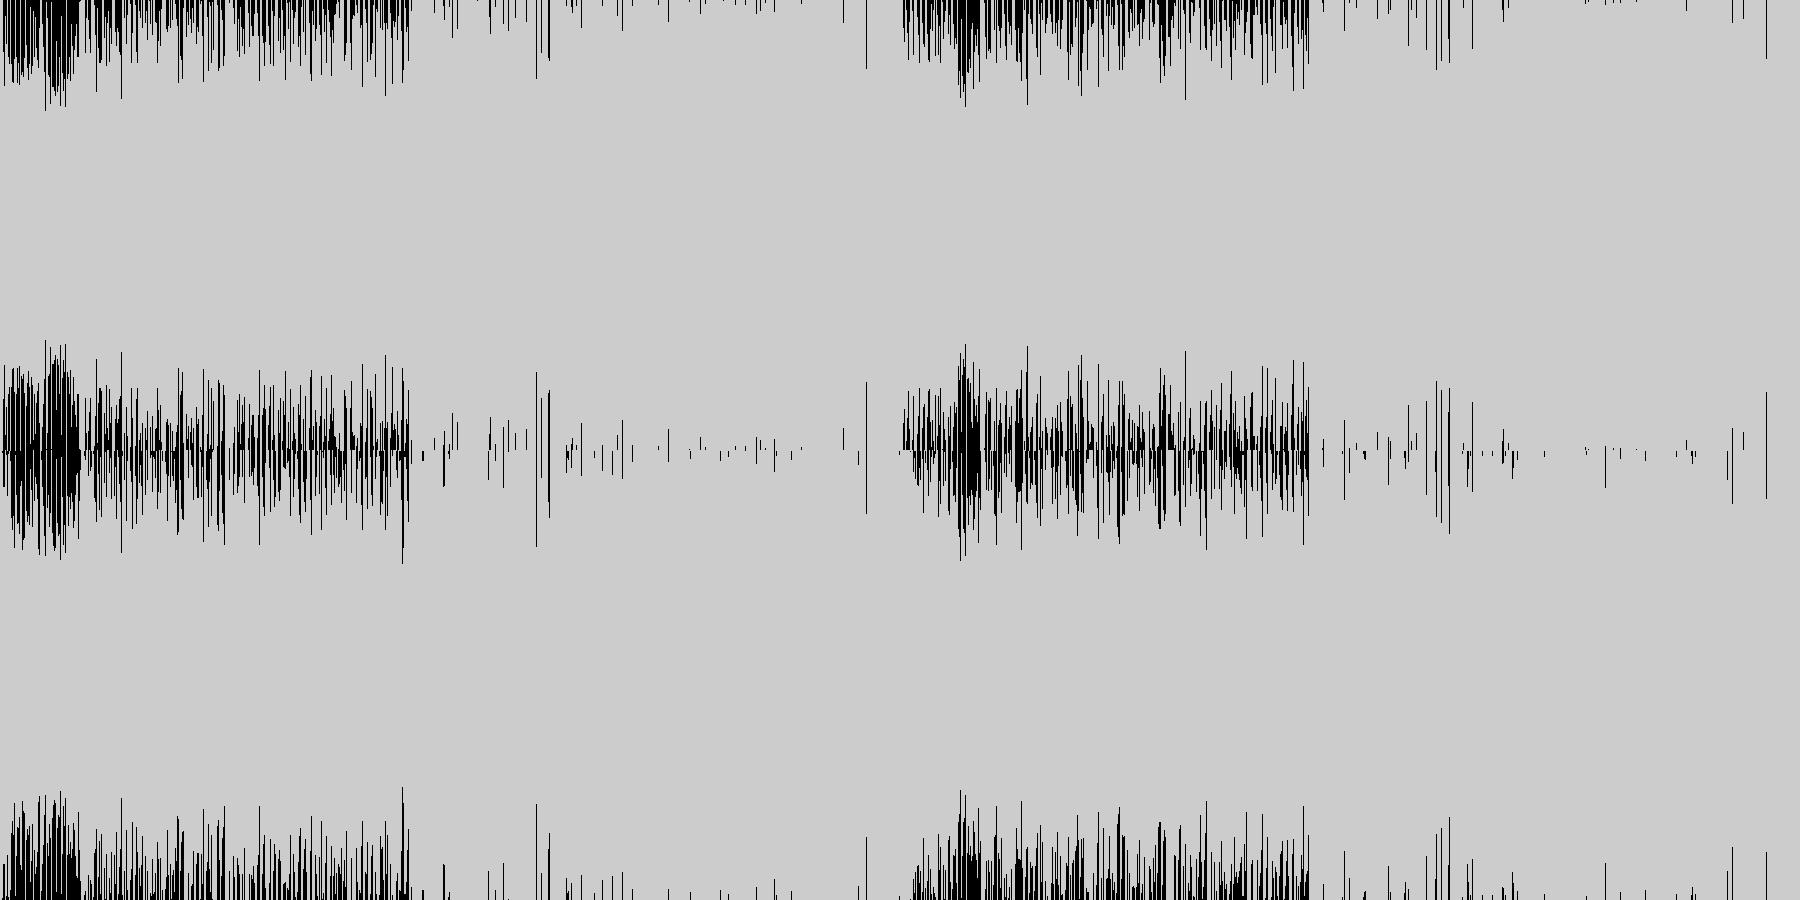 夏のトロピカルなイメージのBGM_ループの未再生の波形